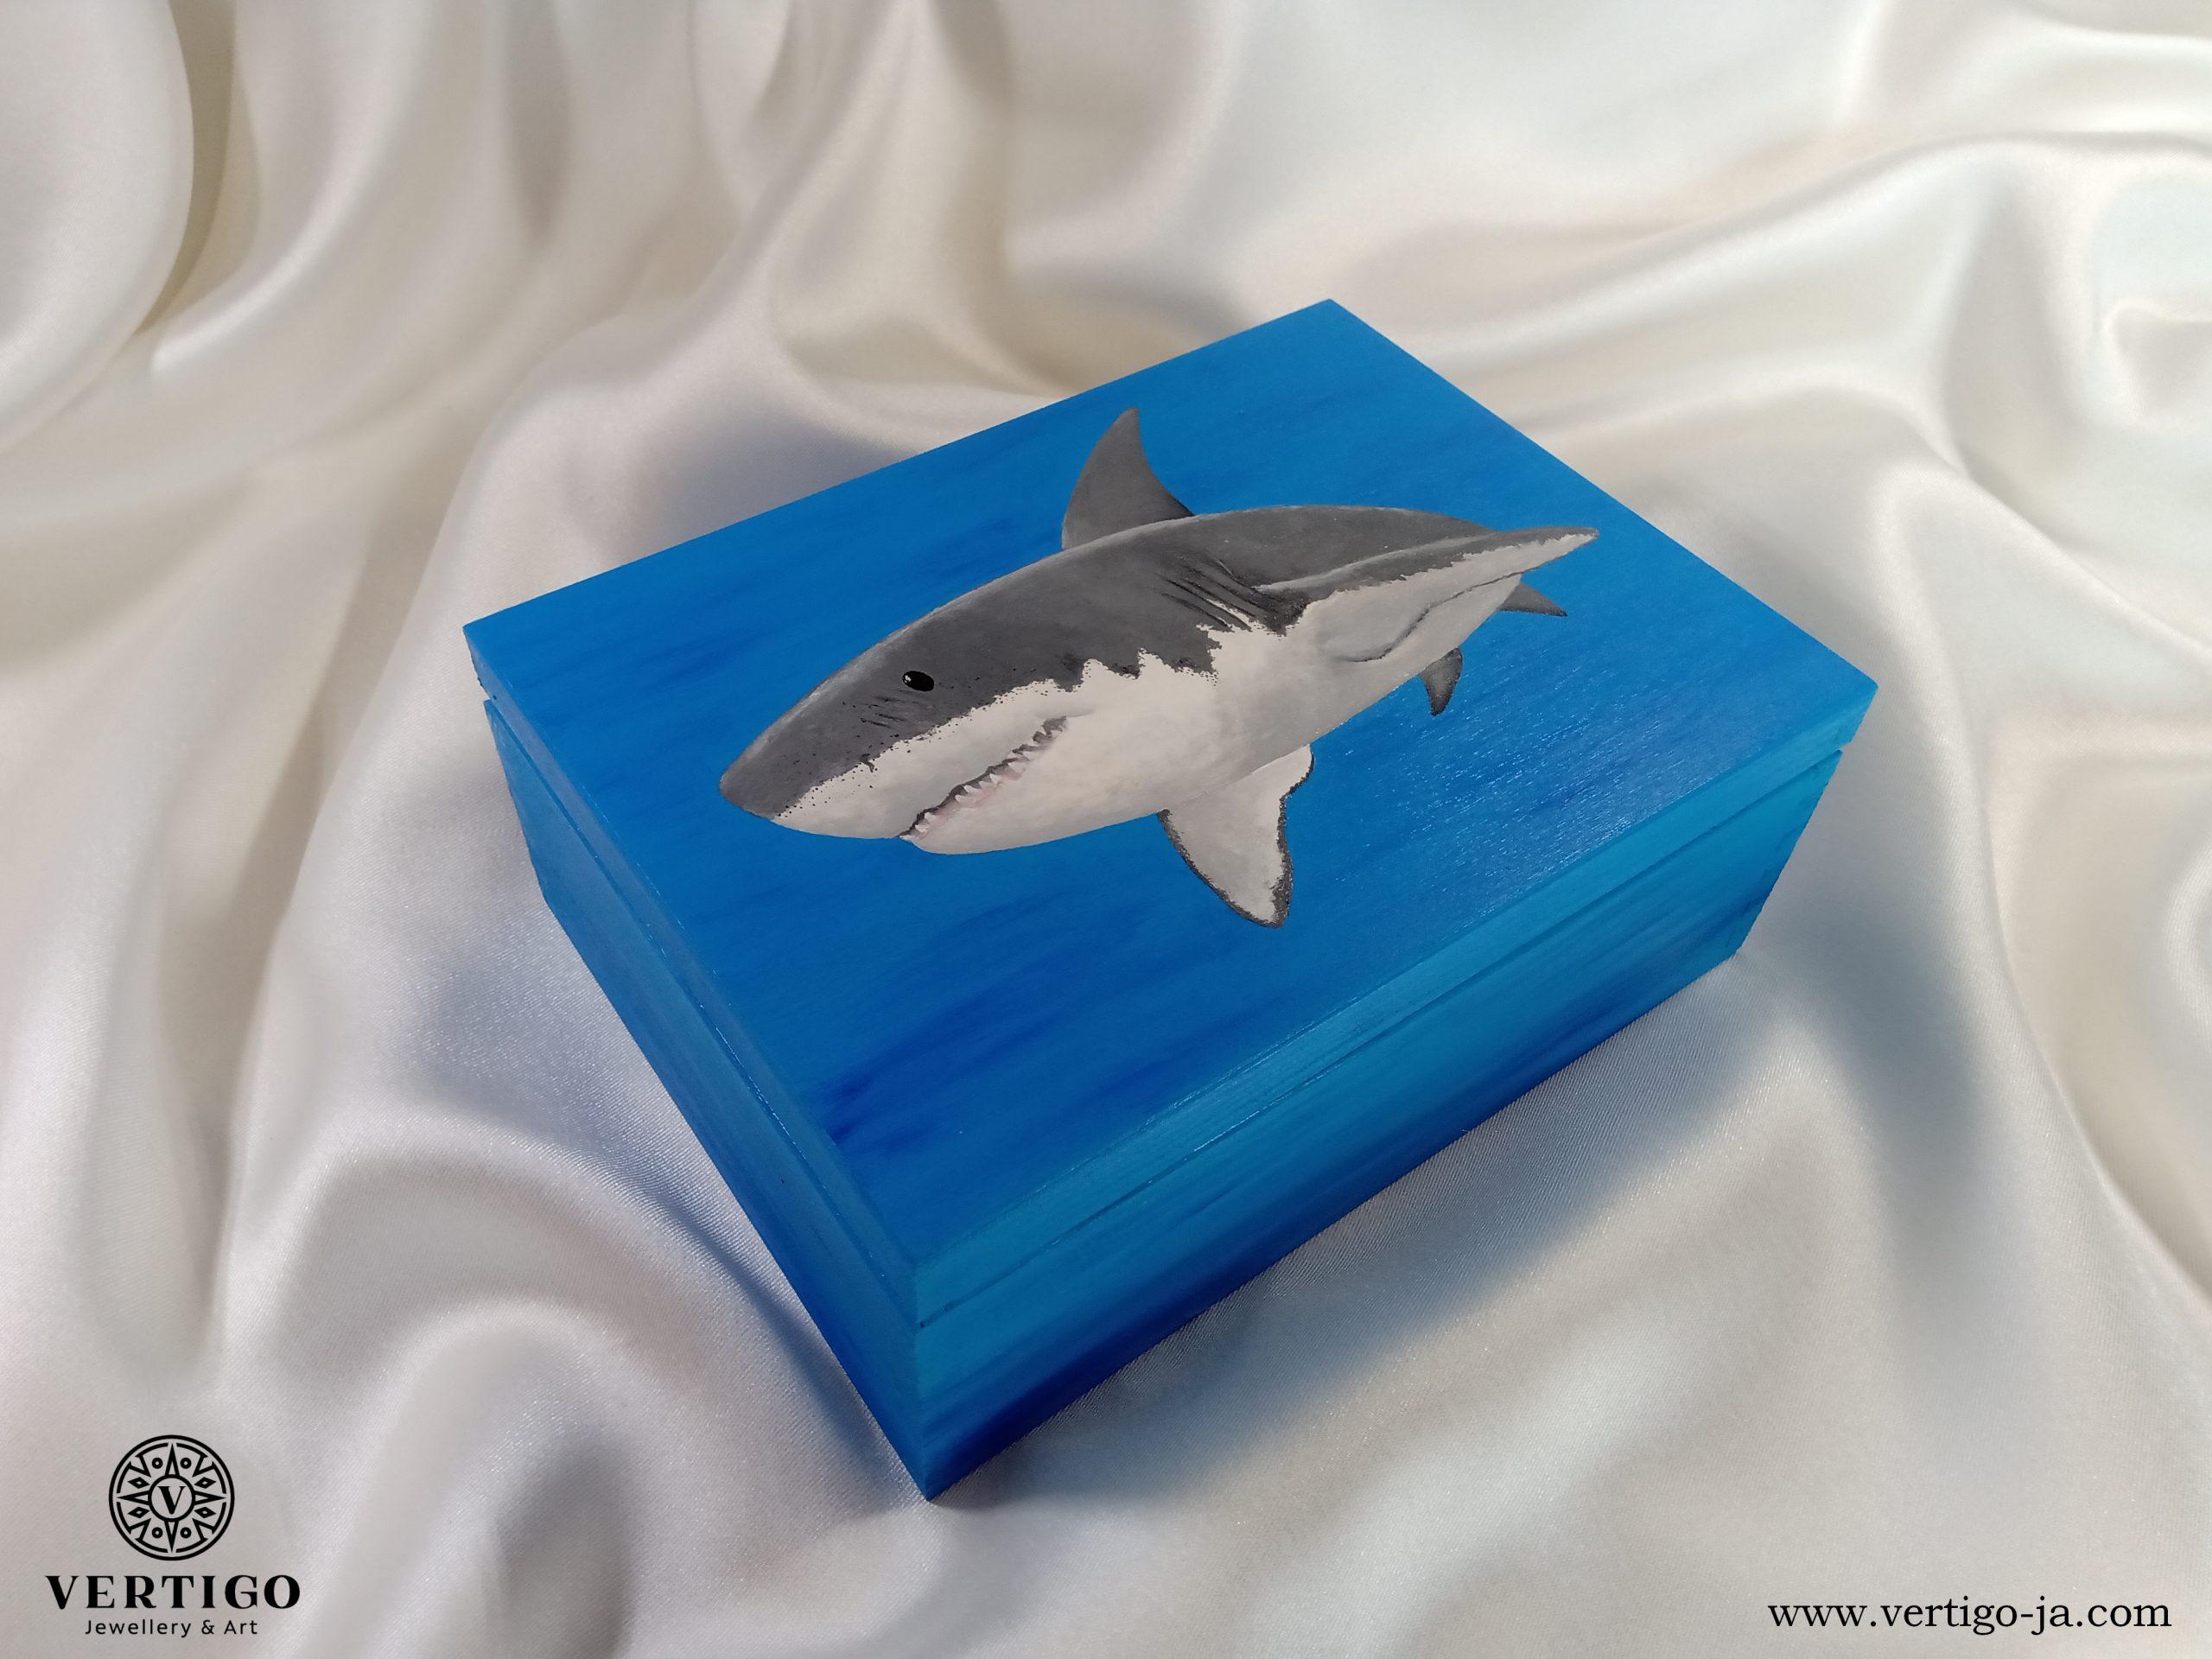 drewniane, niebieskie pudełko z rekinem żarłaczem białym